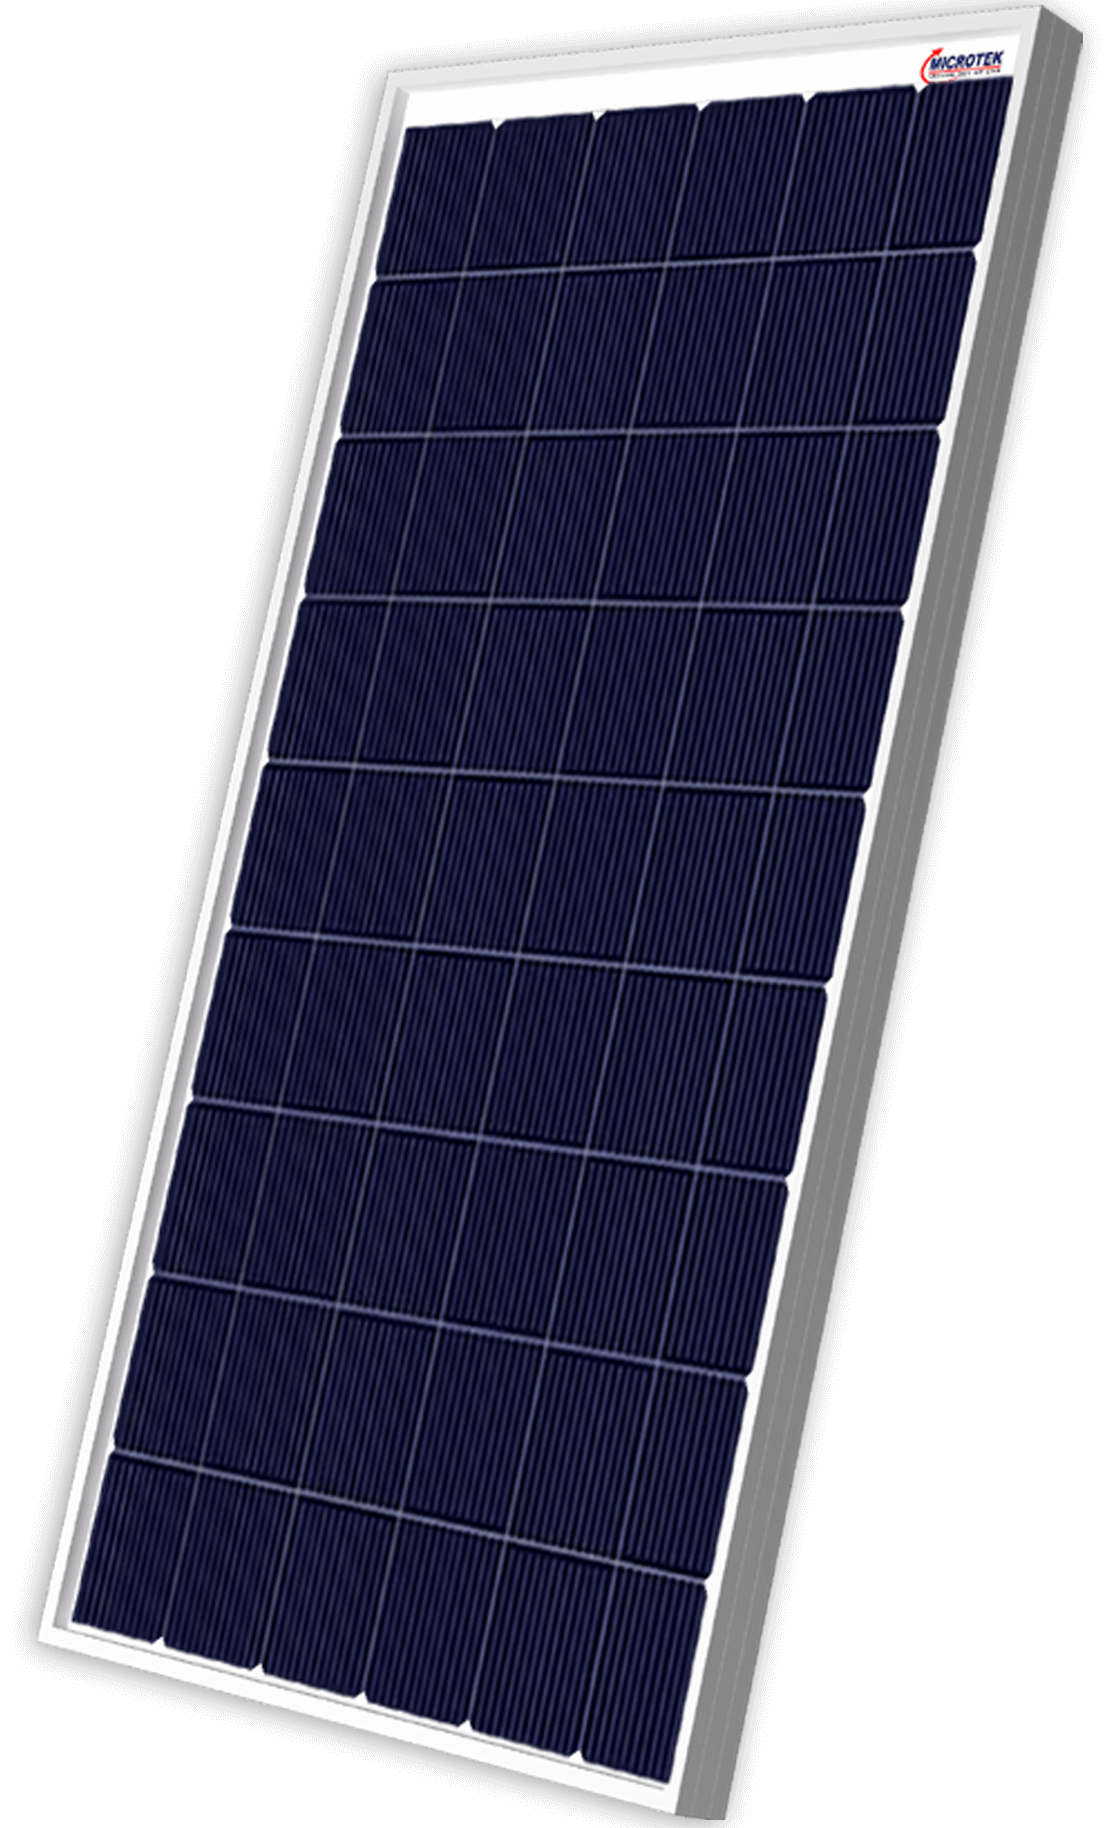 >POLYCRYSTALLINE SOLAR PV MODULES